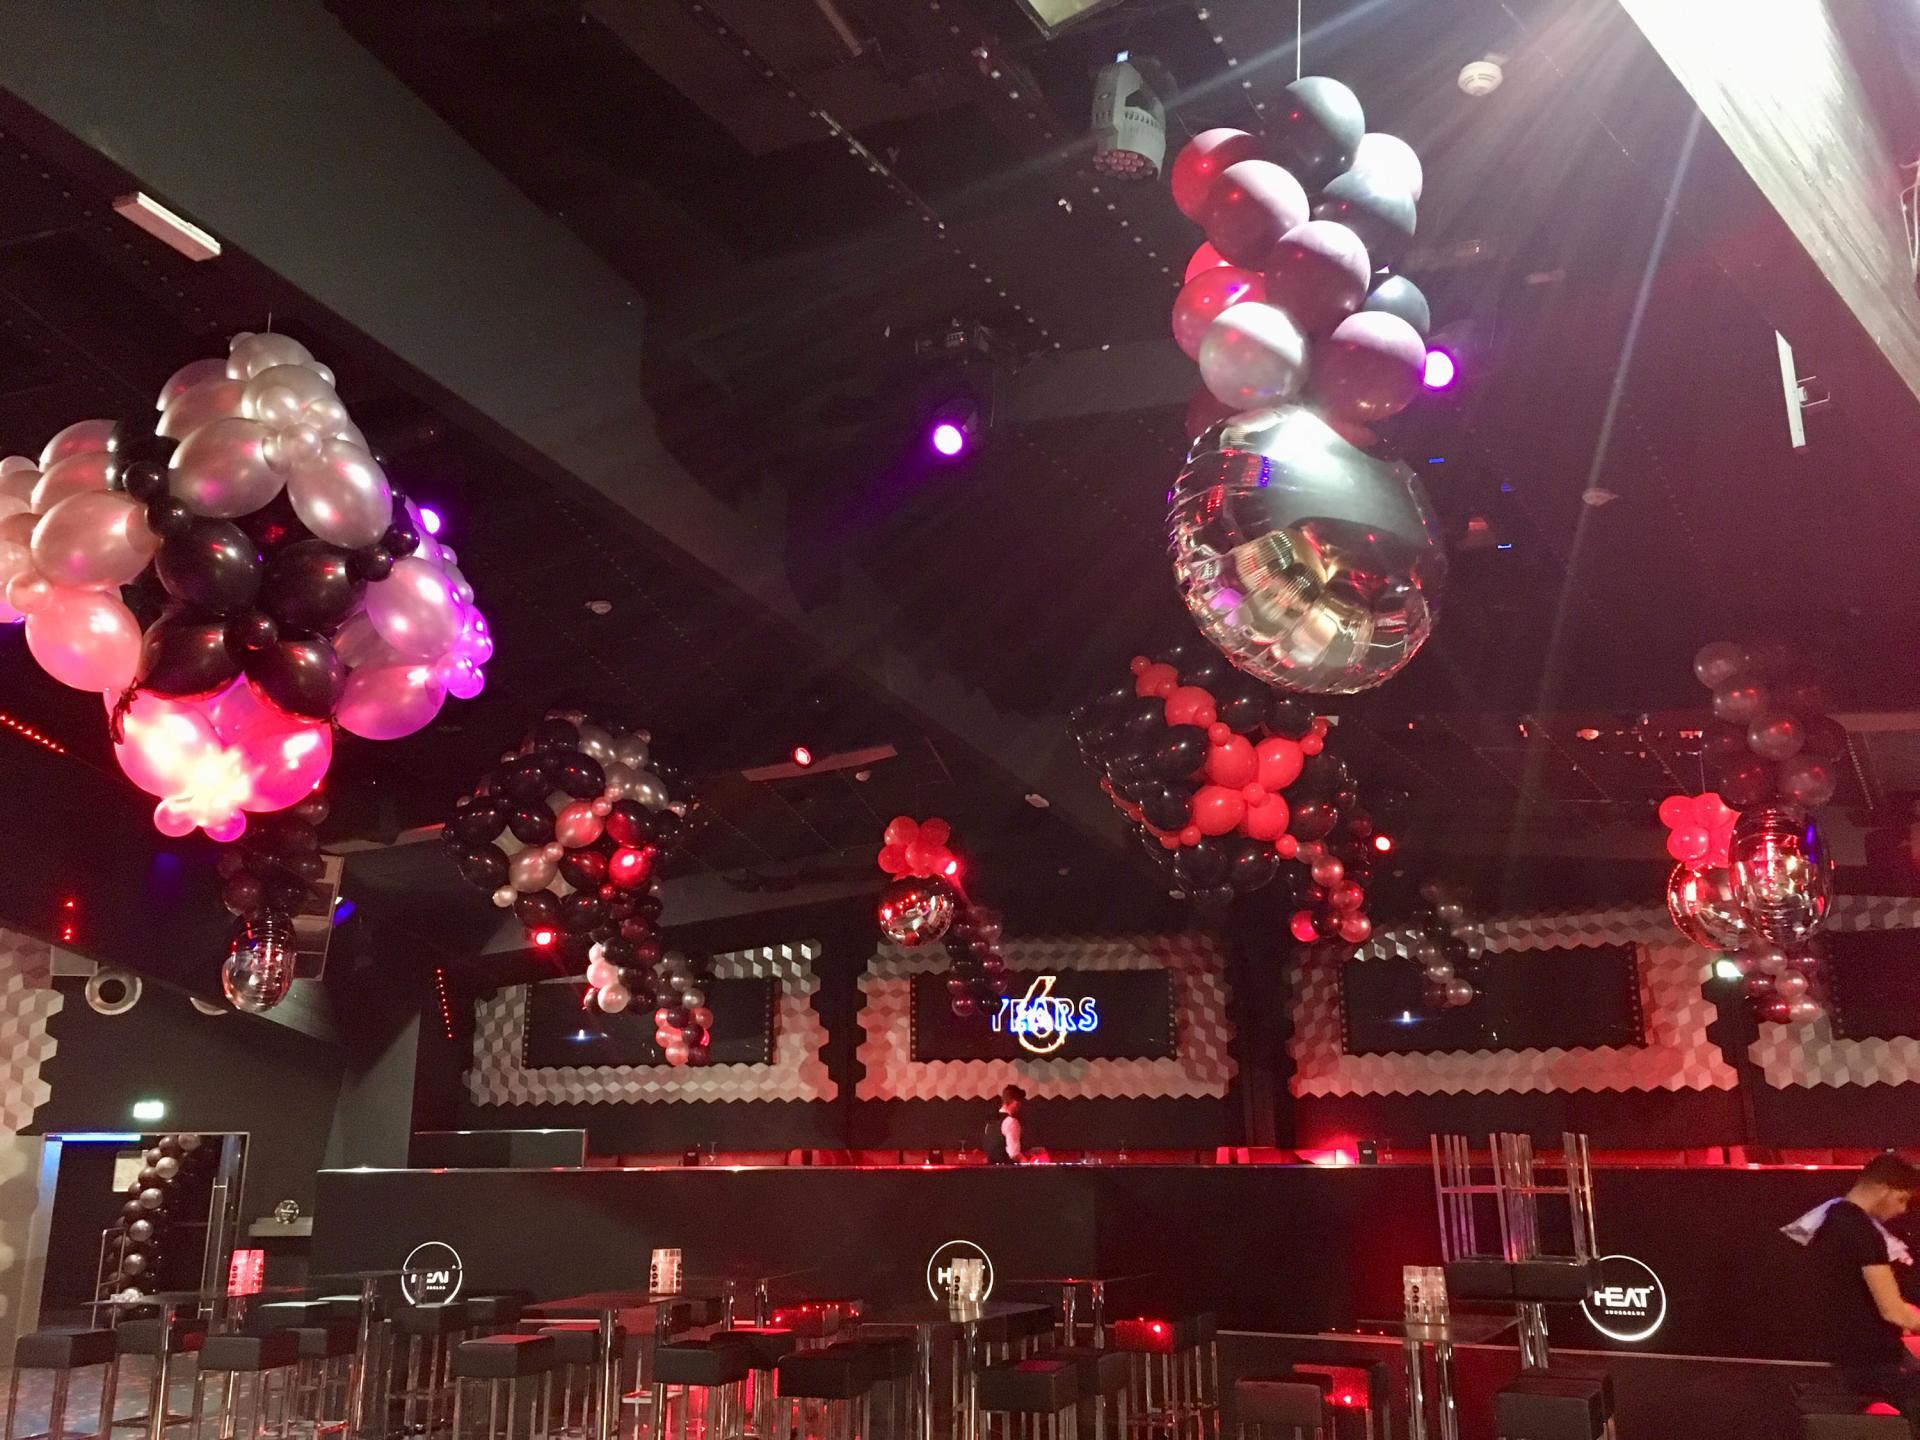 Ballon soirée